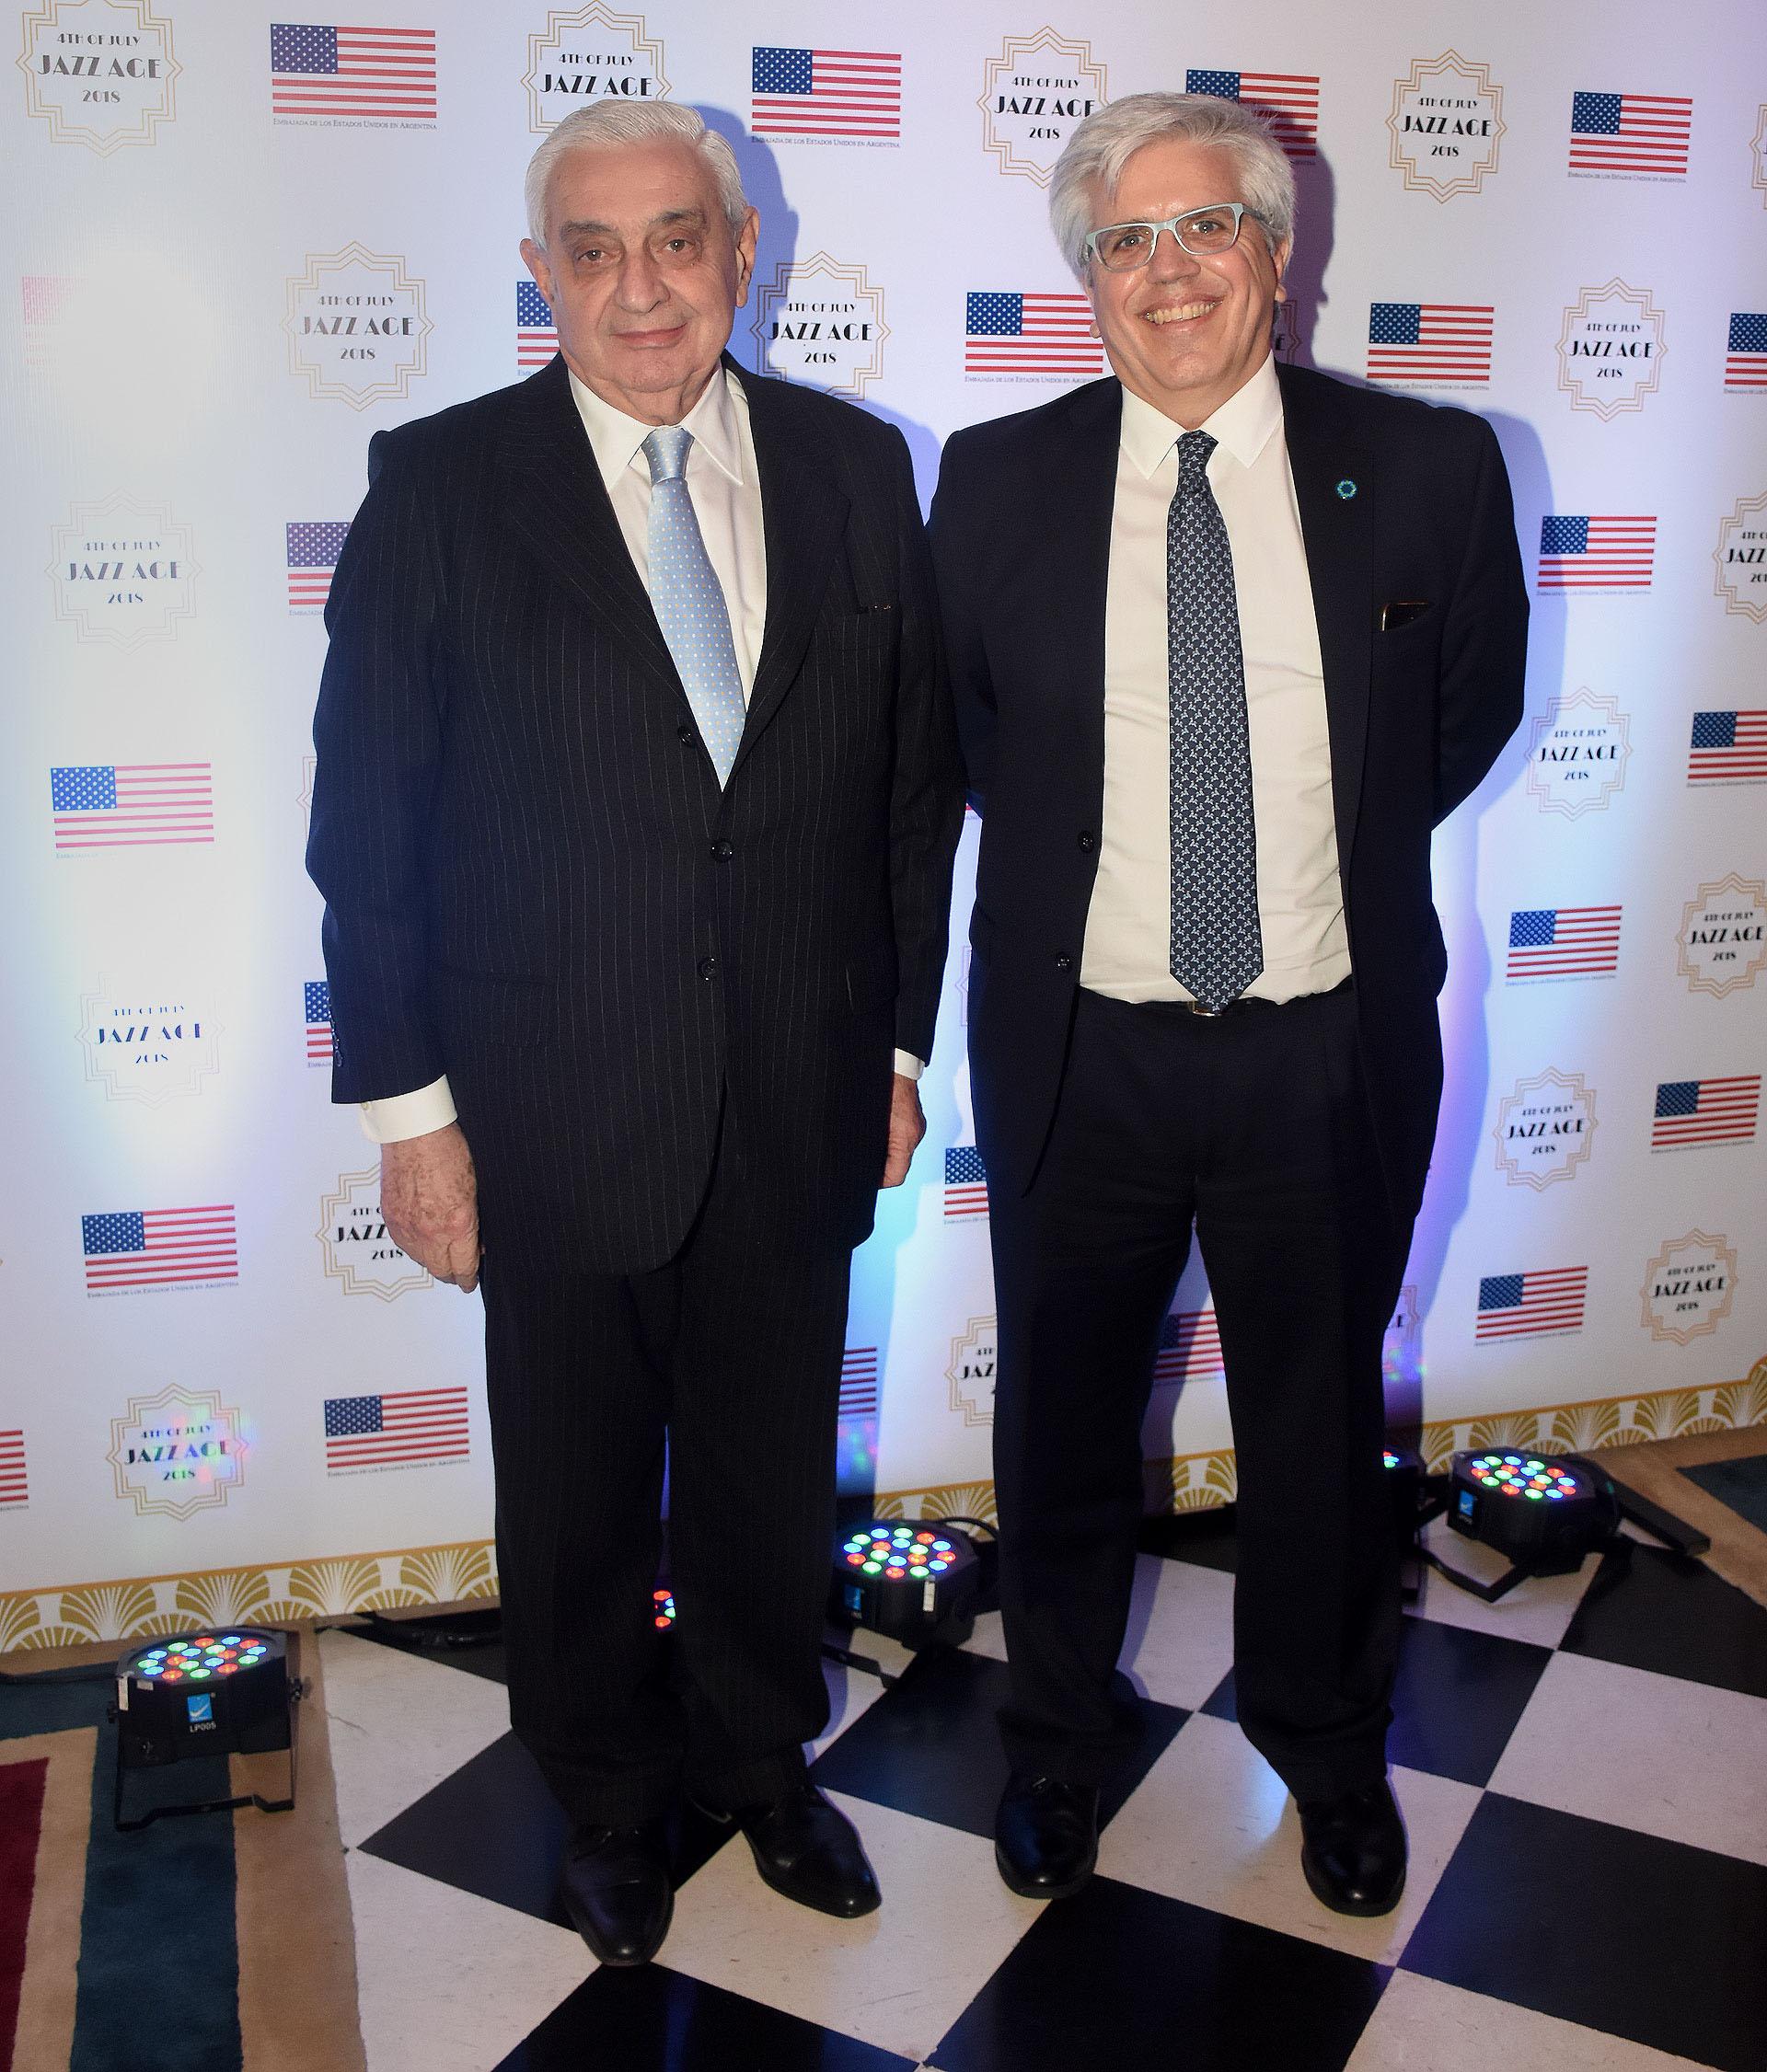 El presidente de la Bolsa de Comercio de Buenos Aires, Adelmo Gabbi, y el presidente del ByMA, Ernesto Allaria